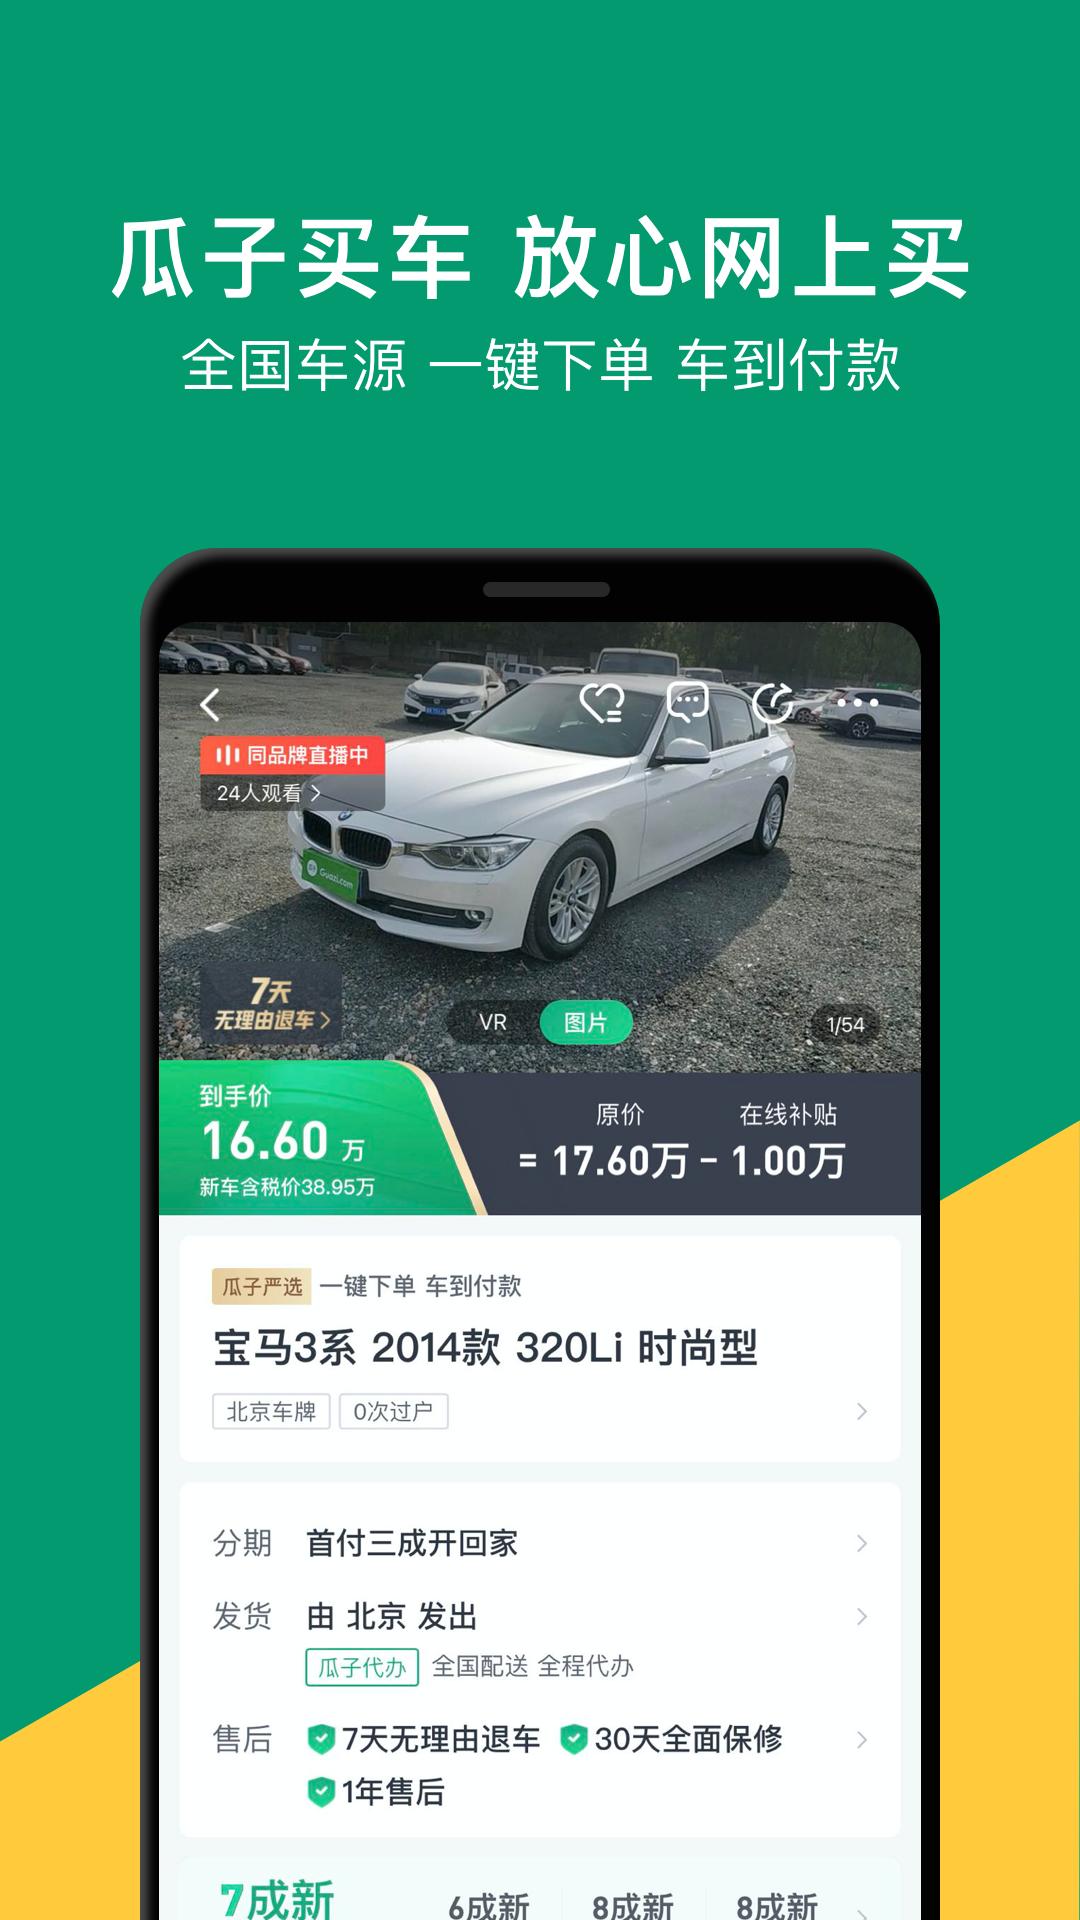 瓜子二手车直卖网安卓版 V8.3.0.6